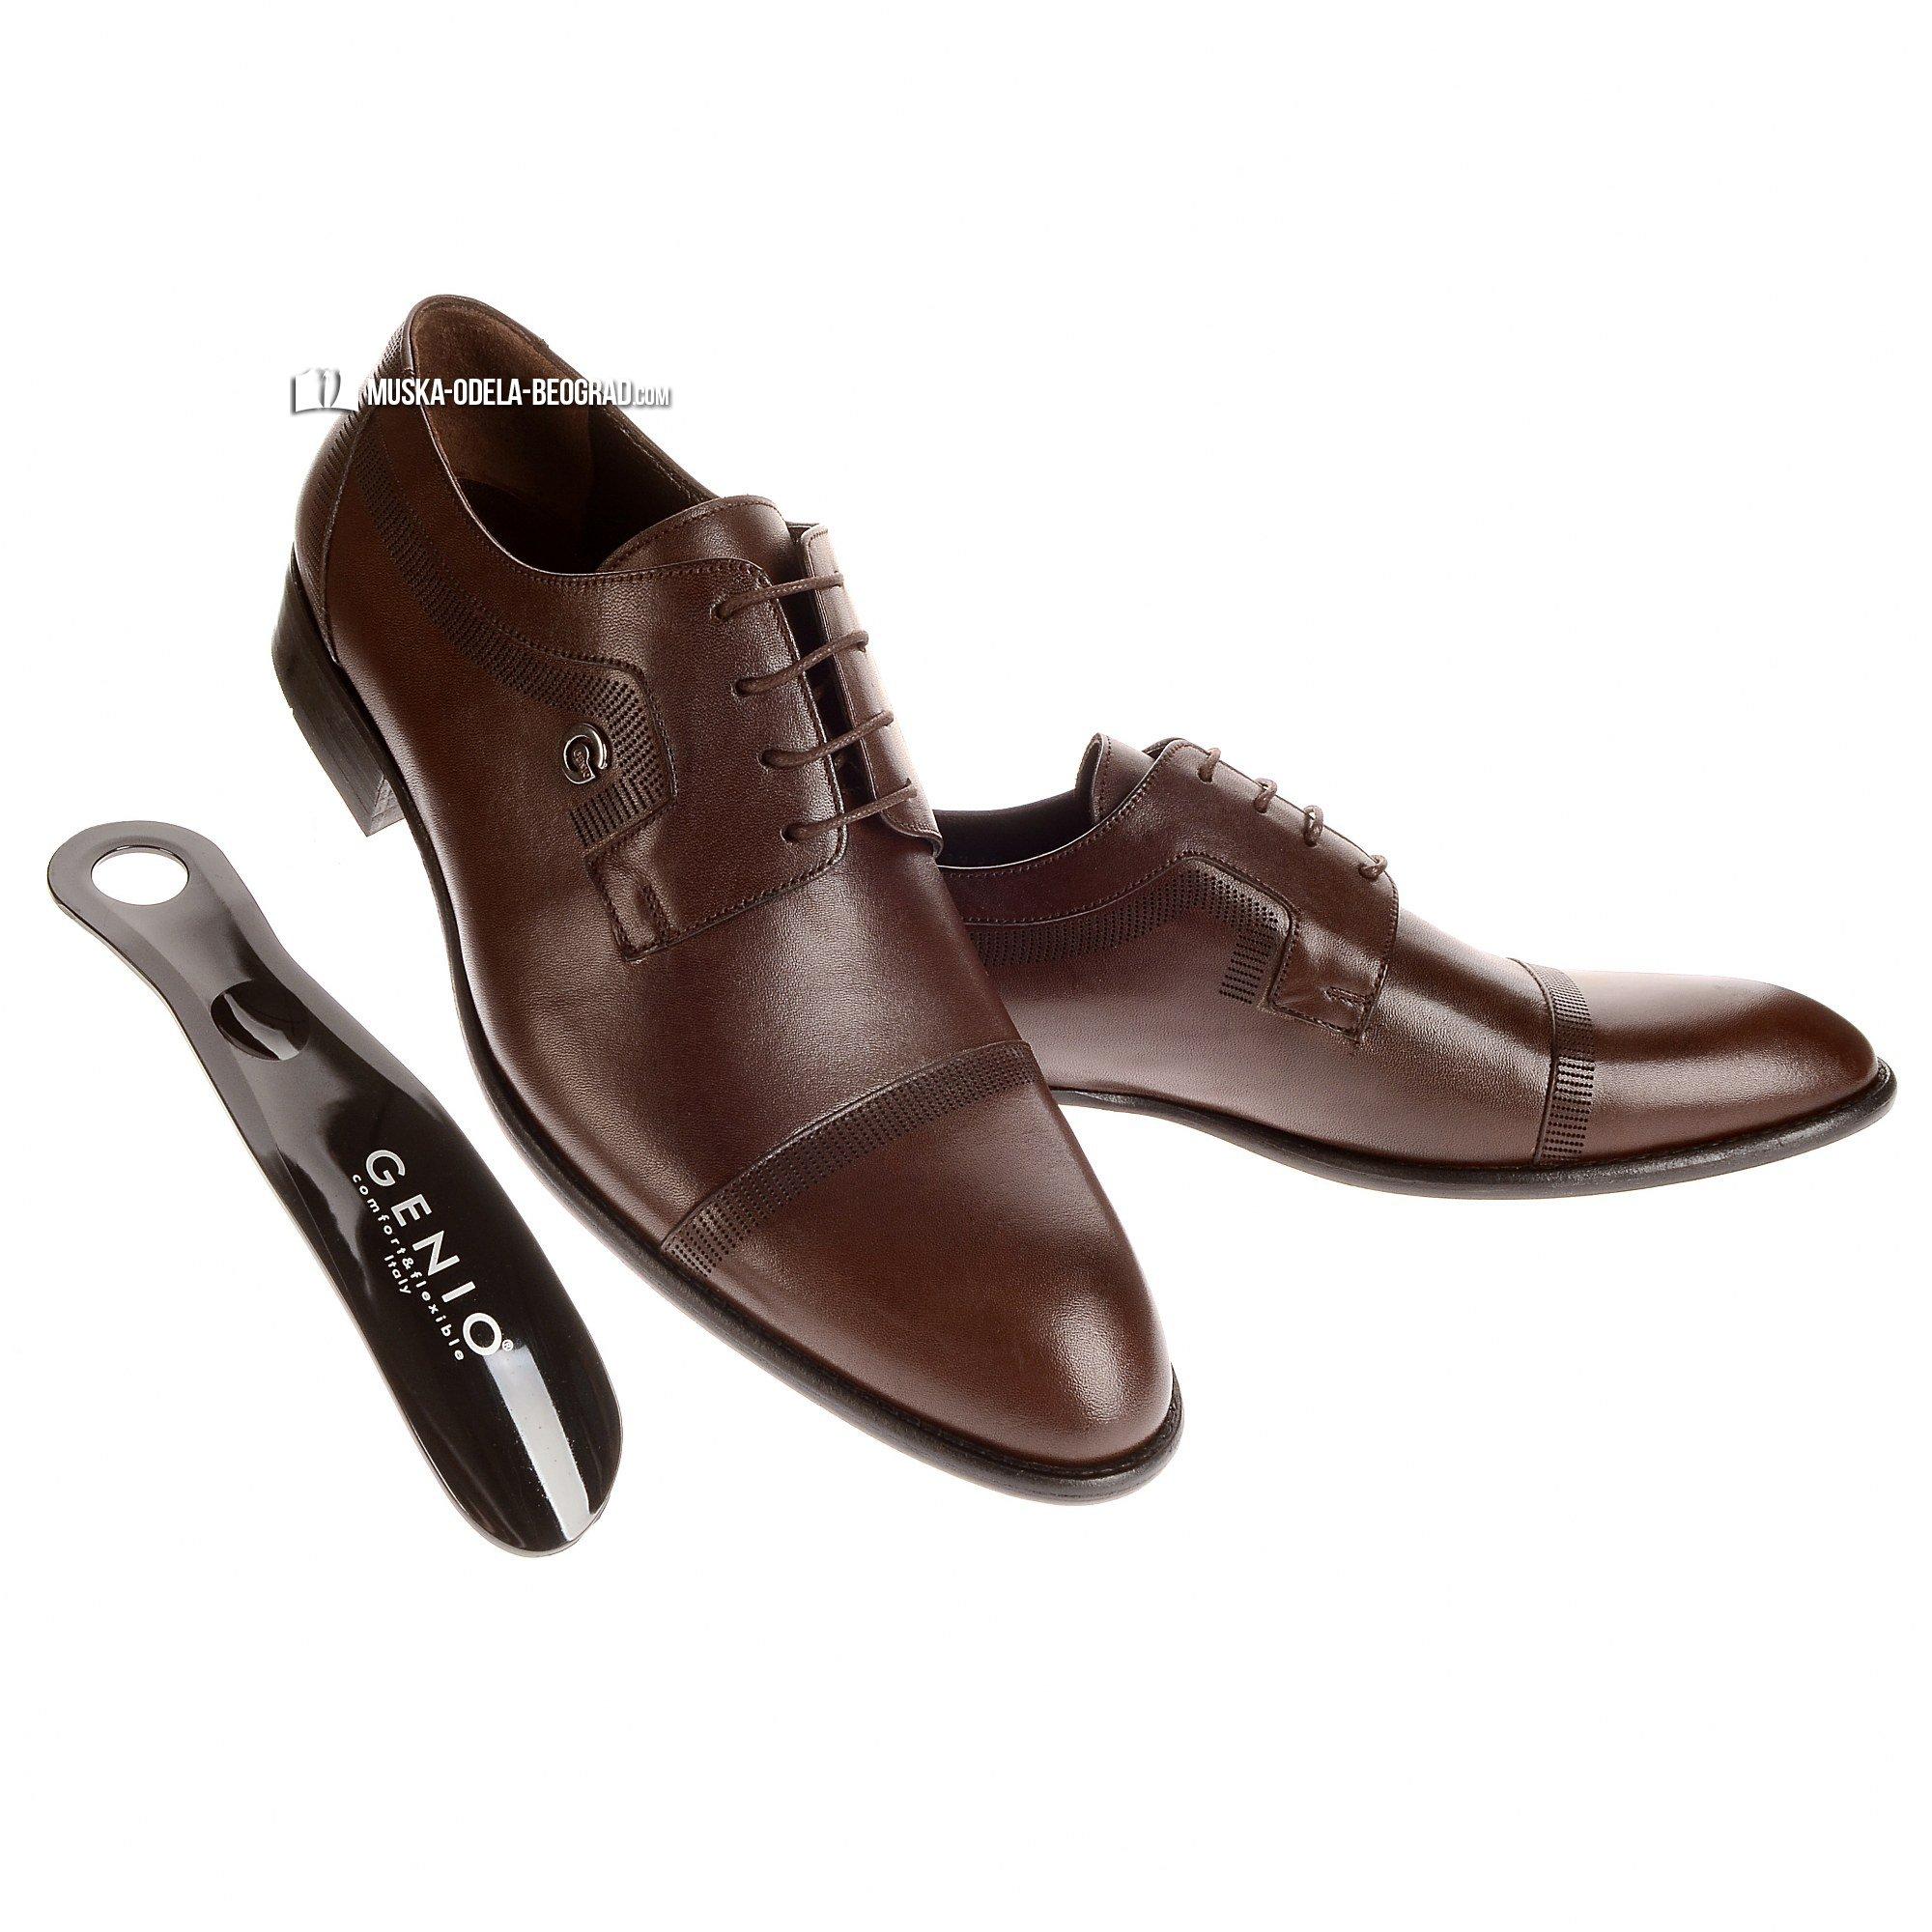 muske cipele #138 - prodaja muske obuce, prodaja cipela, cipele za odelo, za vencanje, beograd, muska odela cene